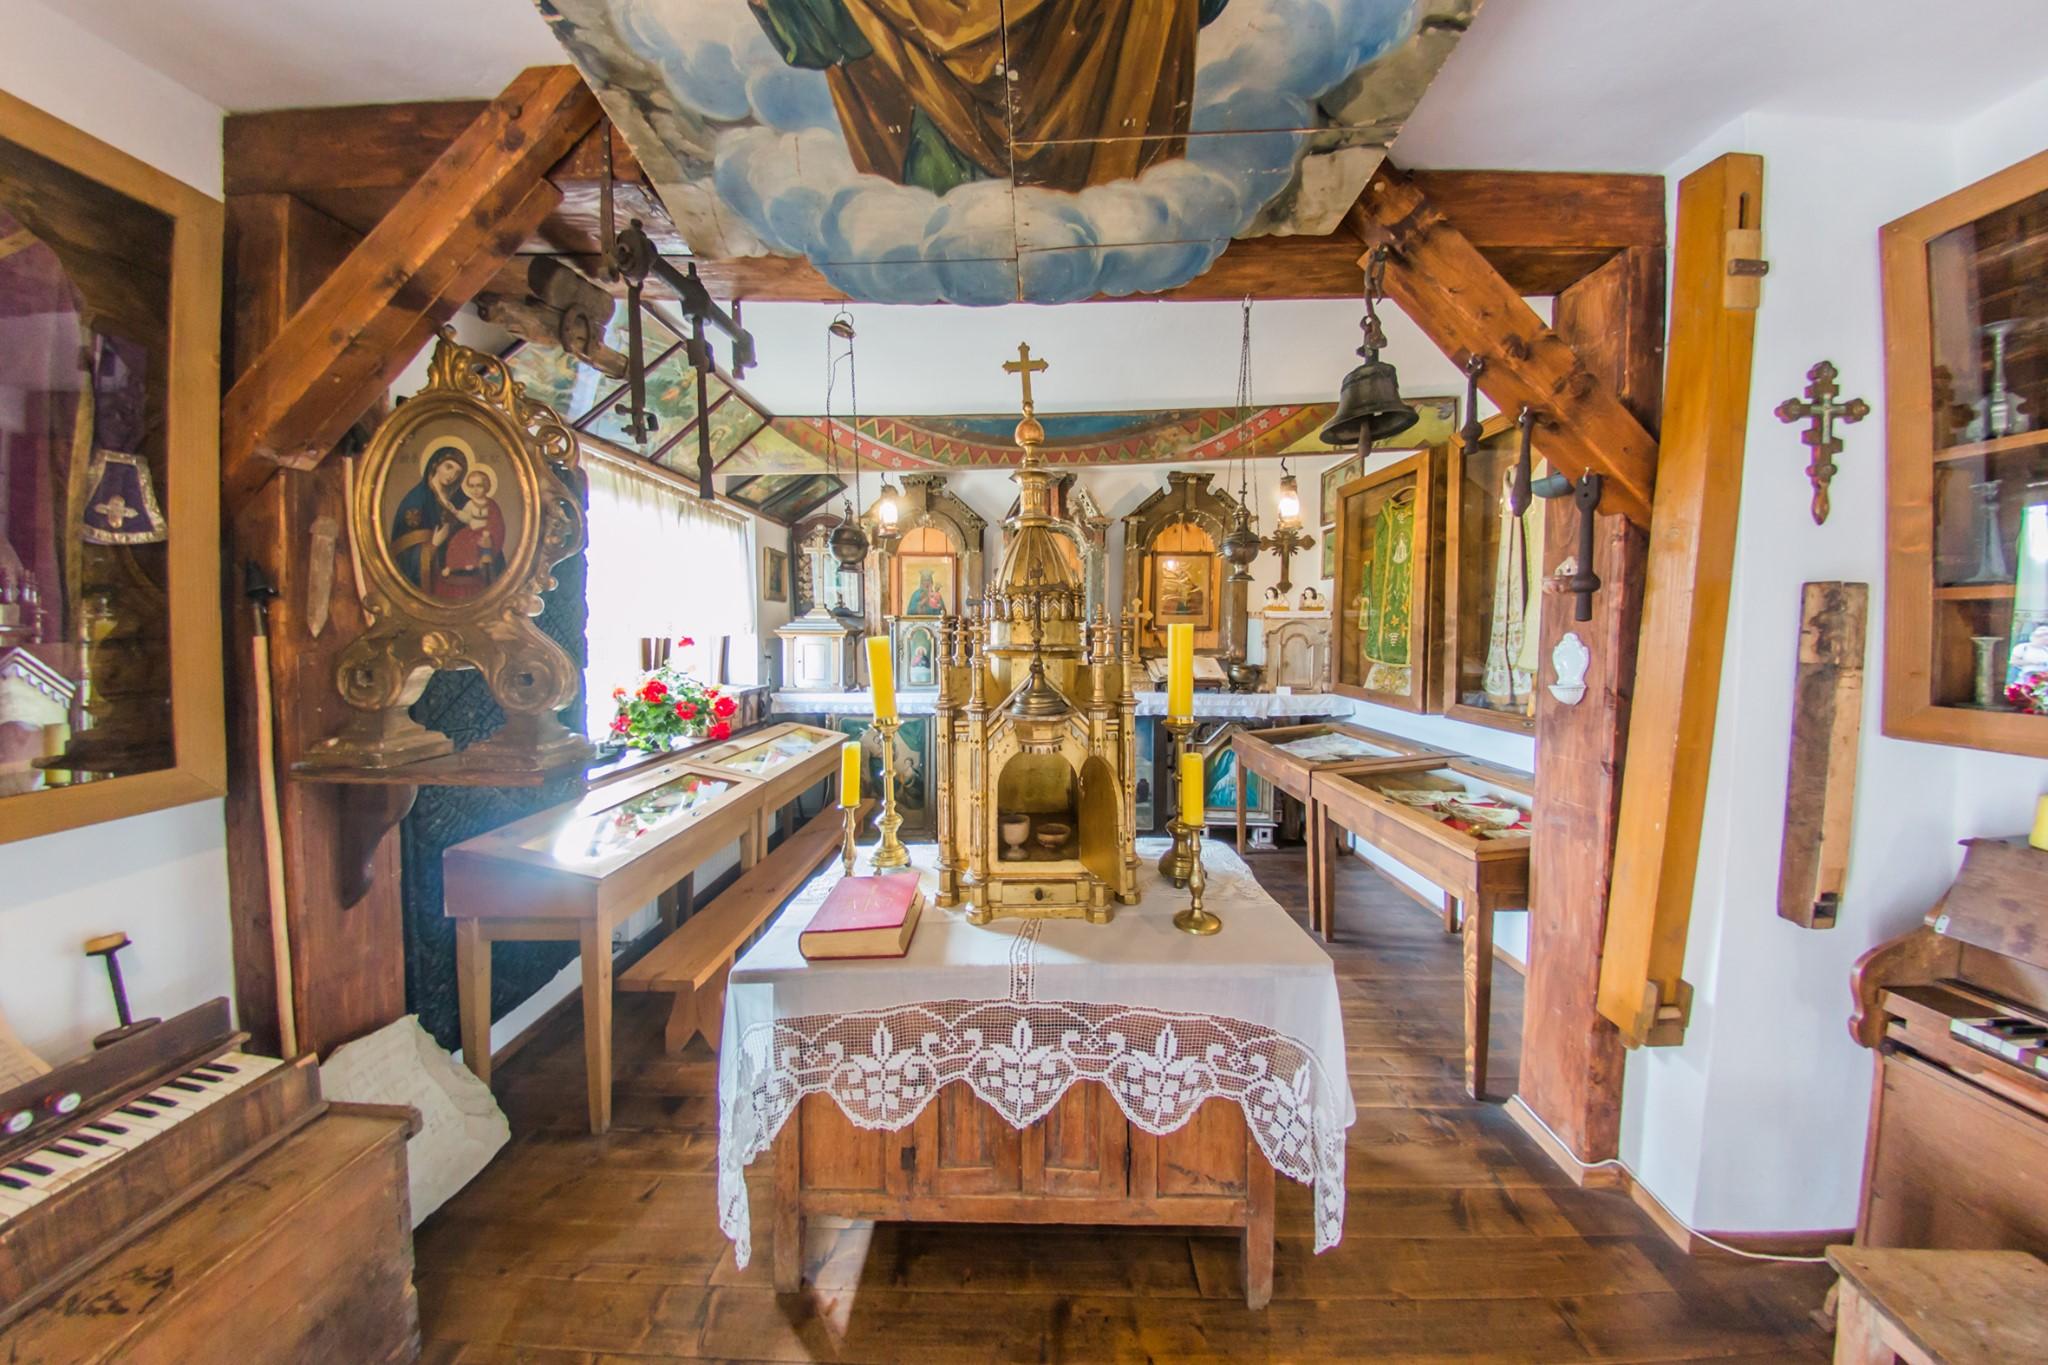 Podkarpacie. Pomysły na weekend w Bieszczadach  - Zdjęcie główne